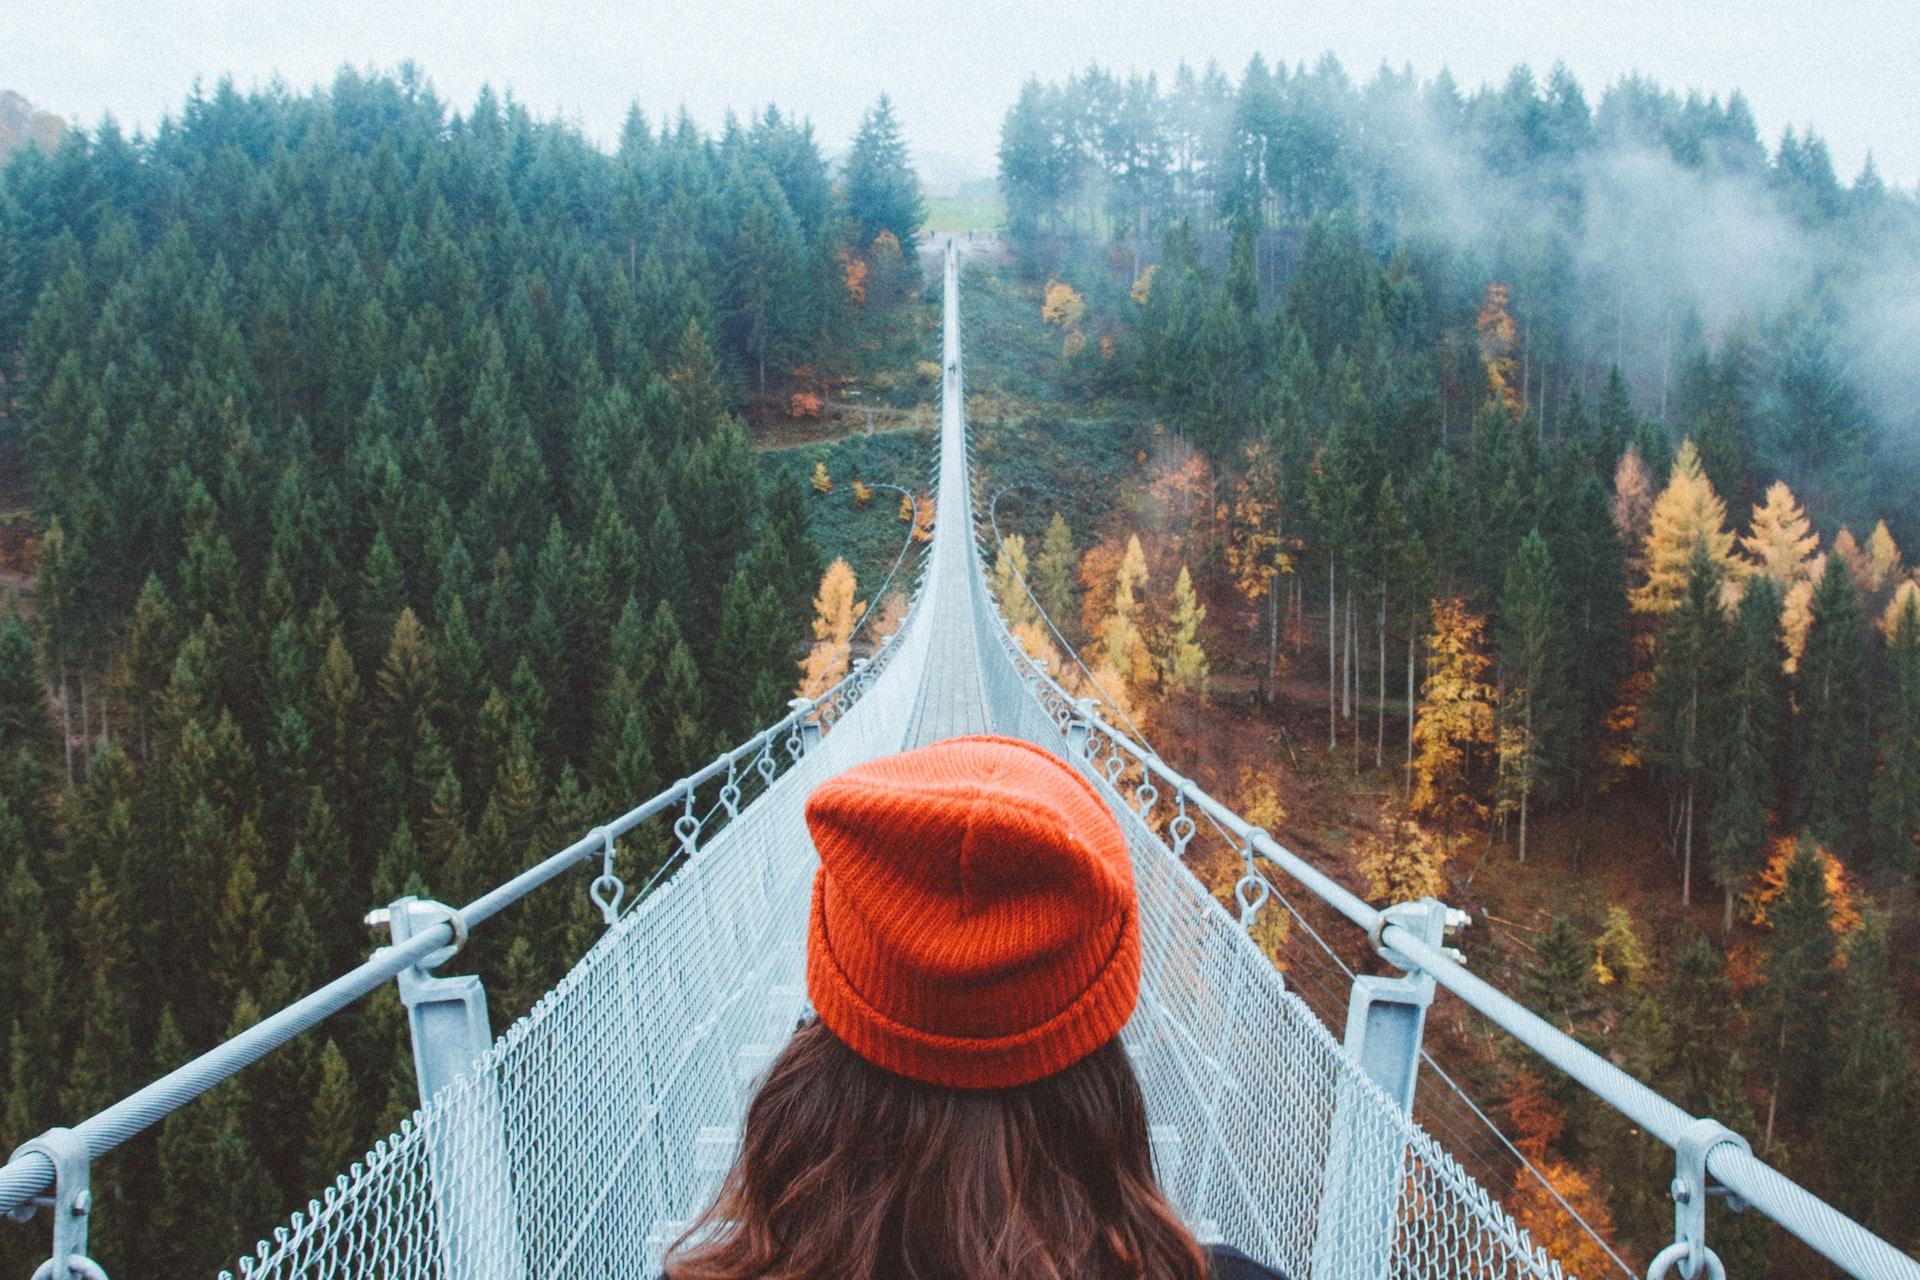 woman wearing knit cap walking on white bridge between trees during daytime